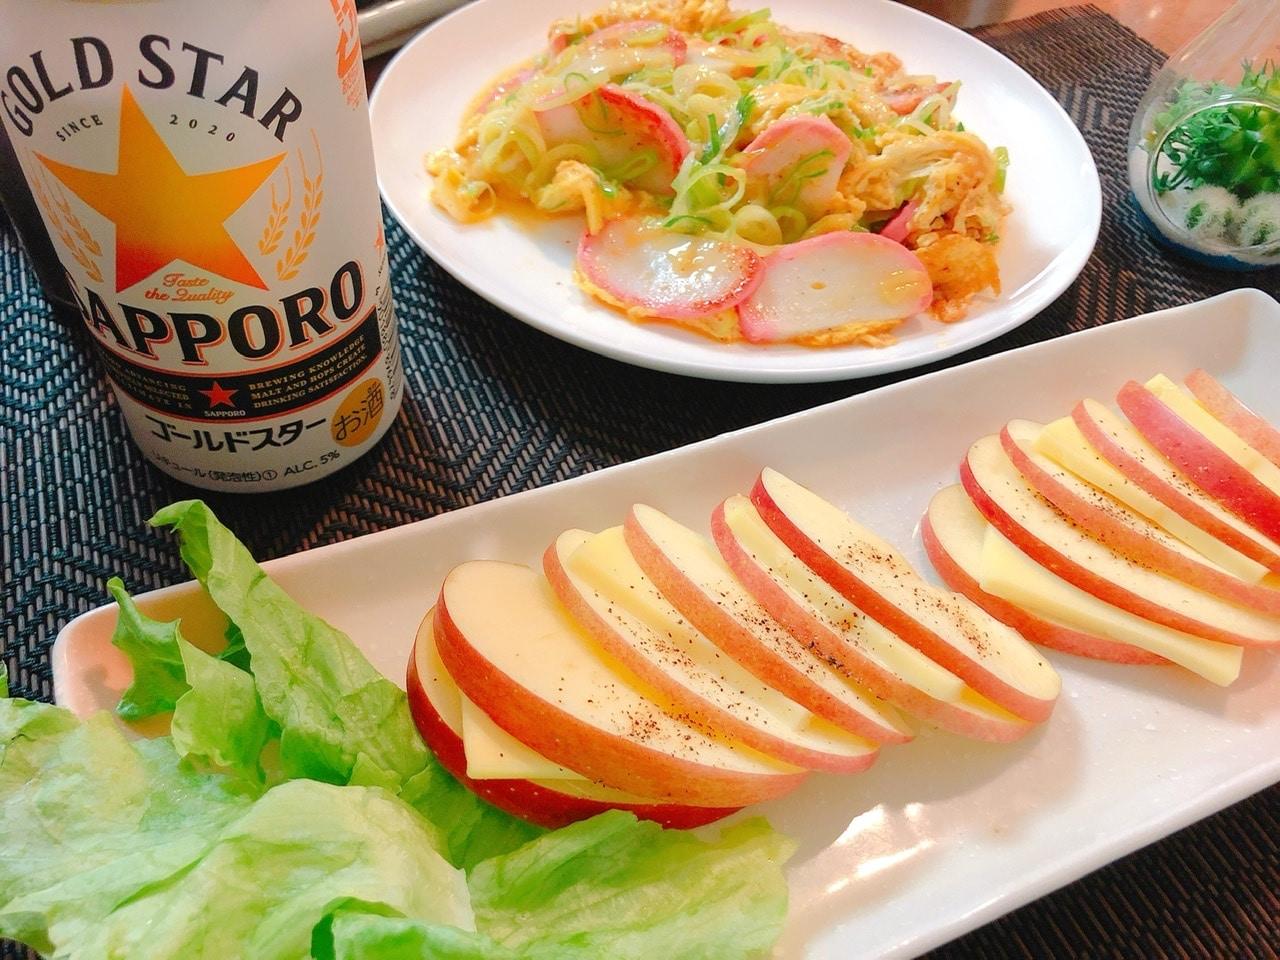 「【侠飯】カマバターとリンゴチーズがすごく美味しかった件」のアイキャッチ画像